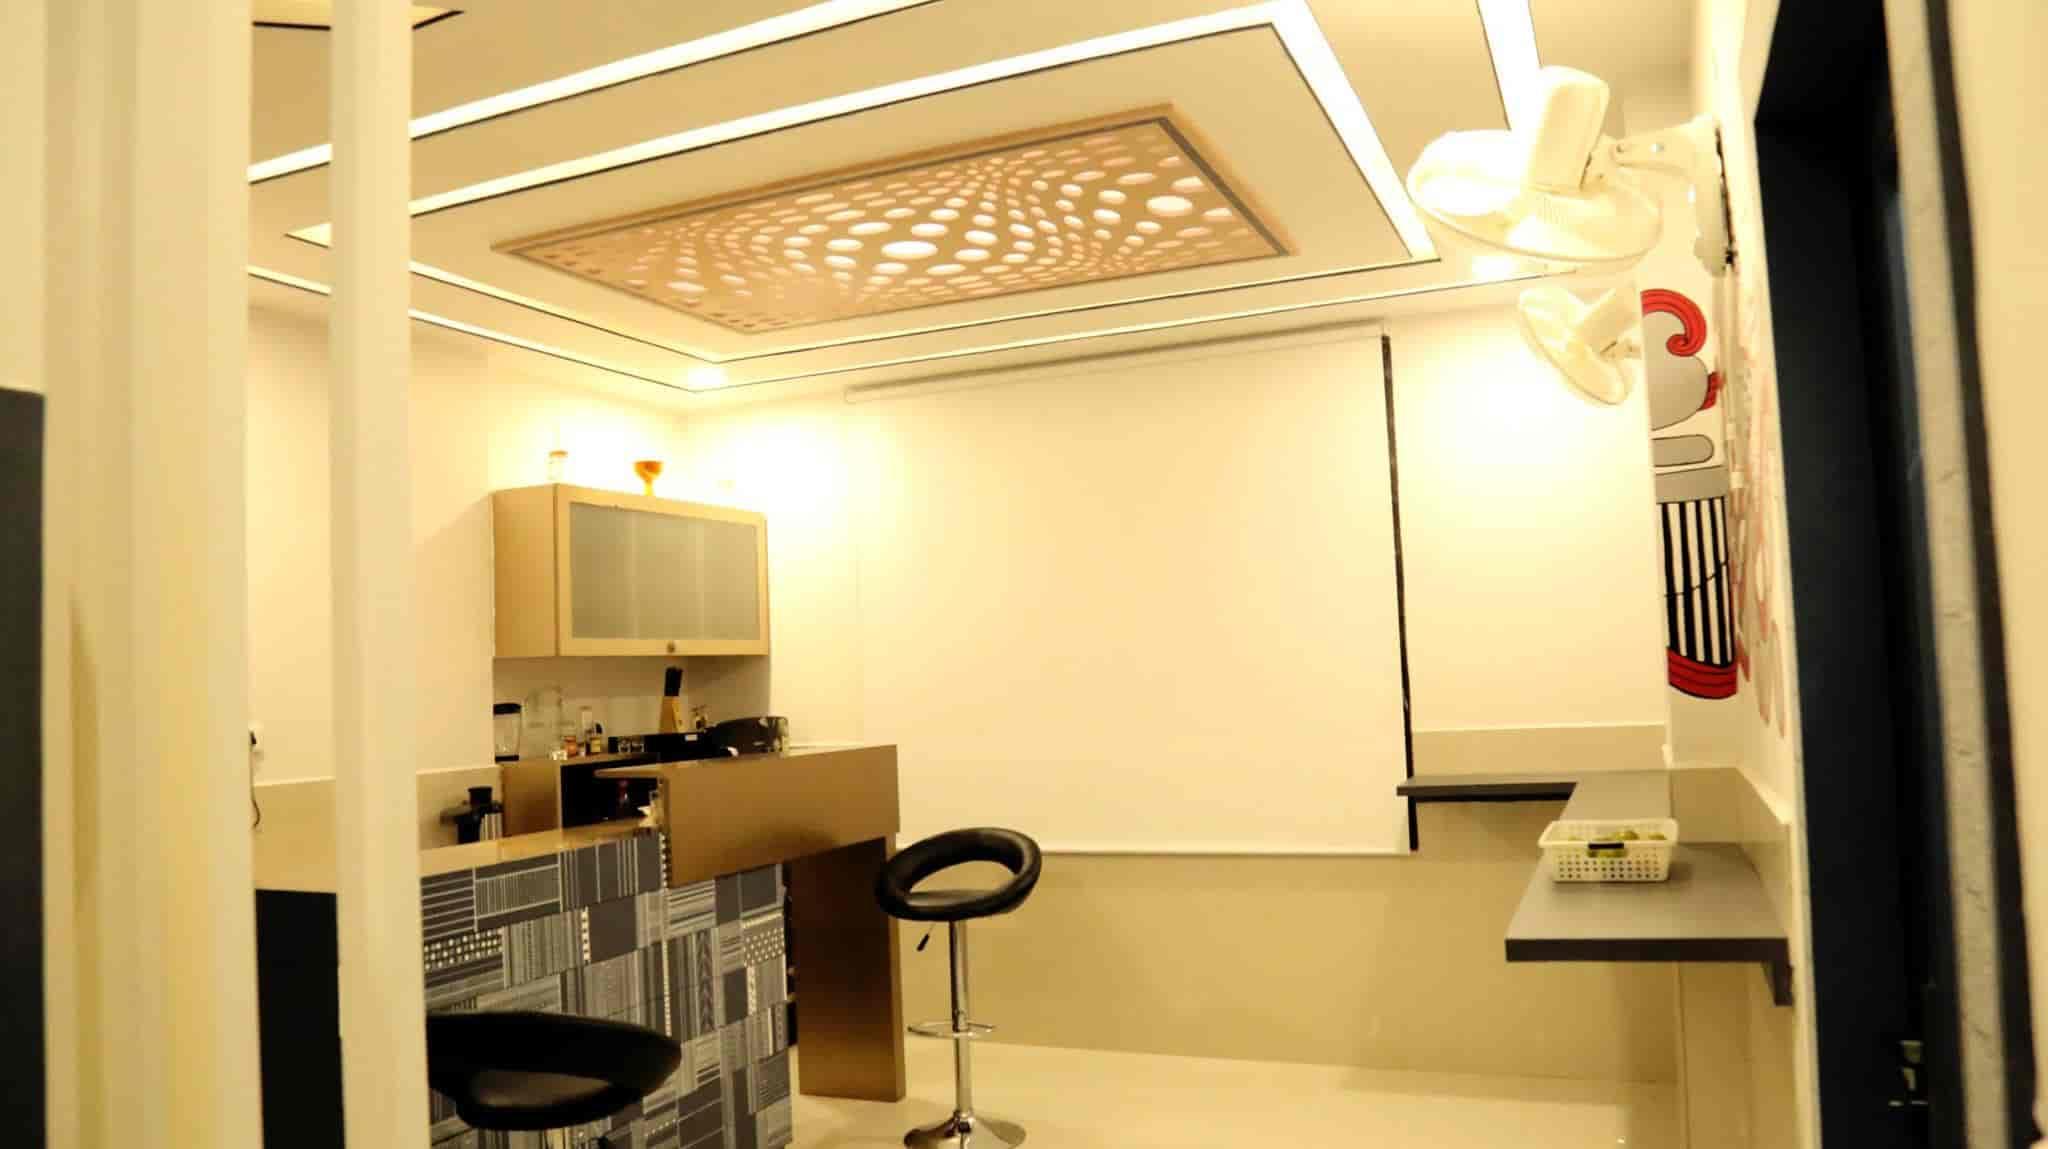 Hj interior design ltd